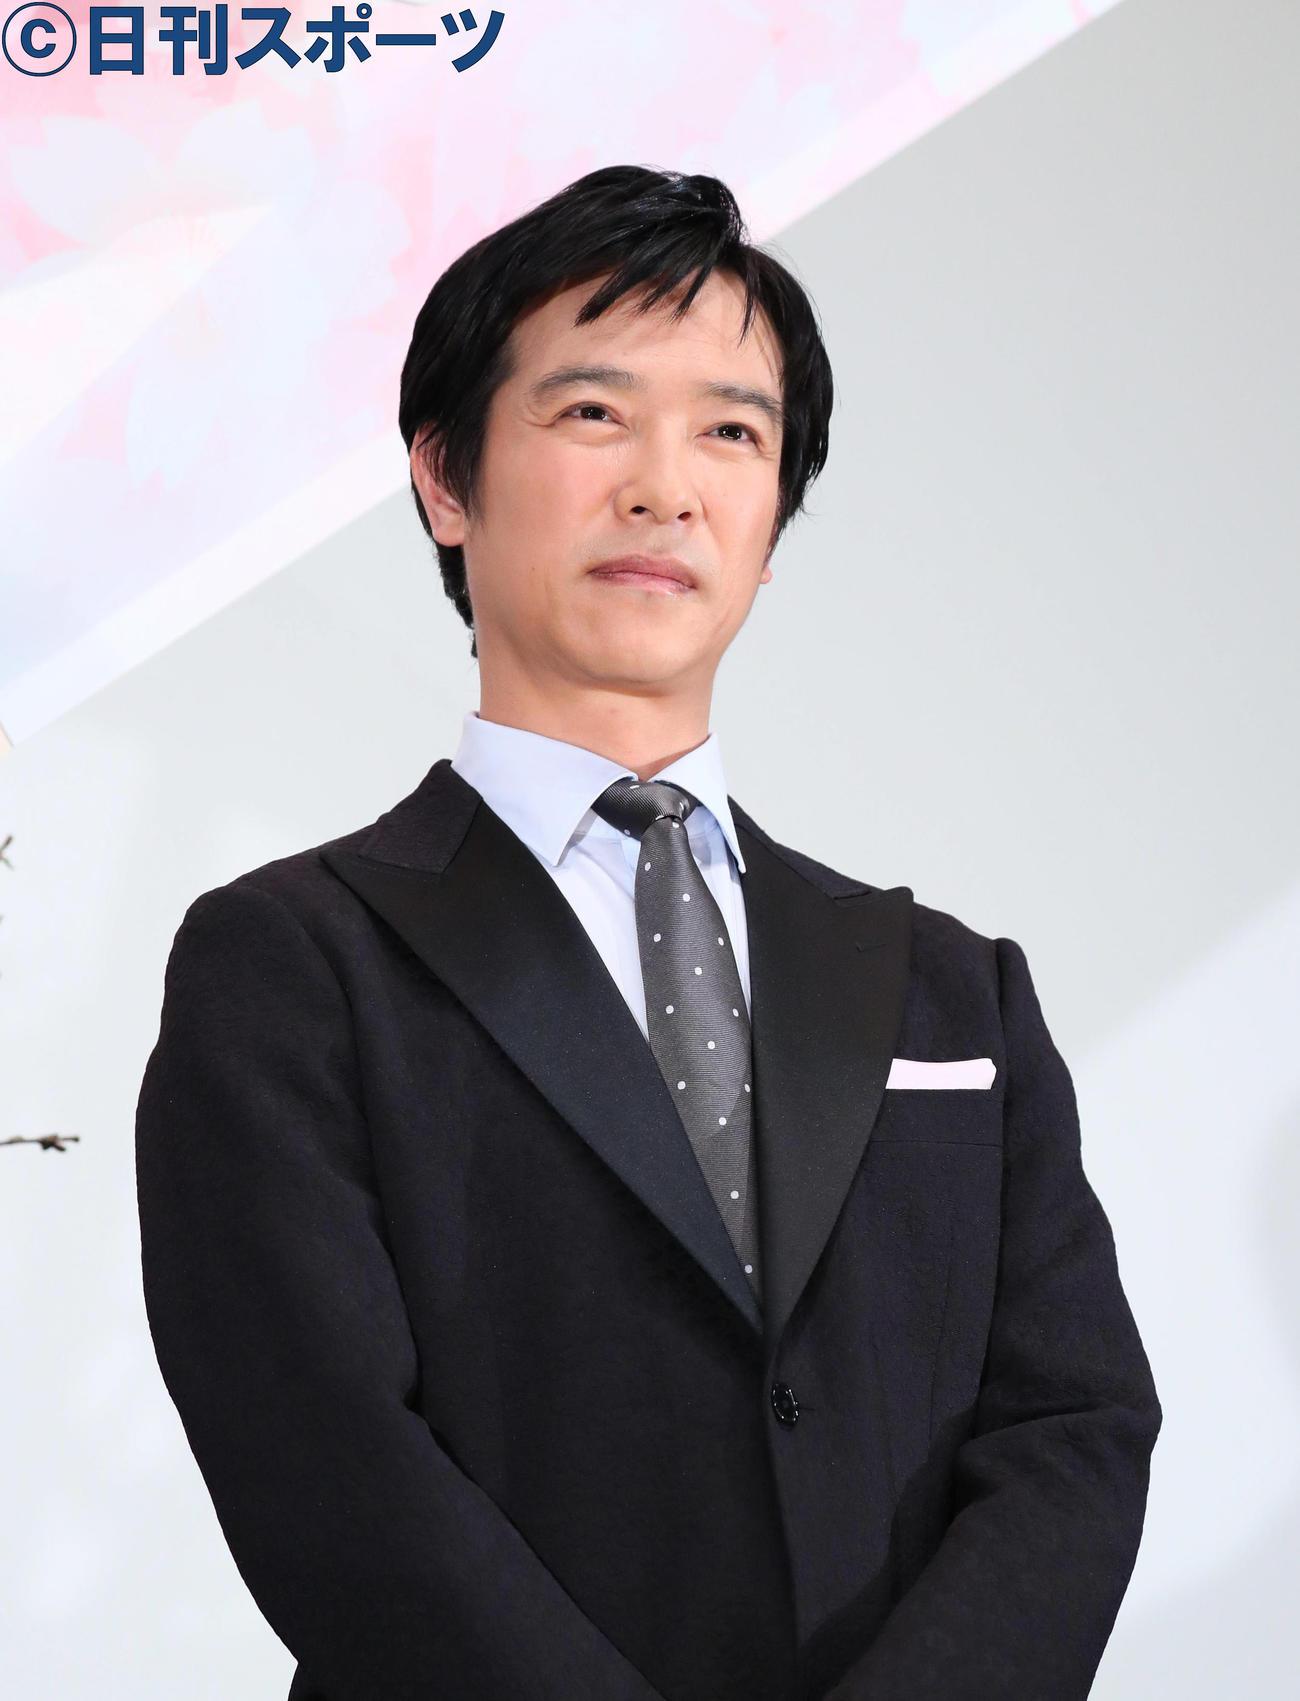 堺雅人(18年3月撮影)